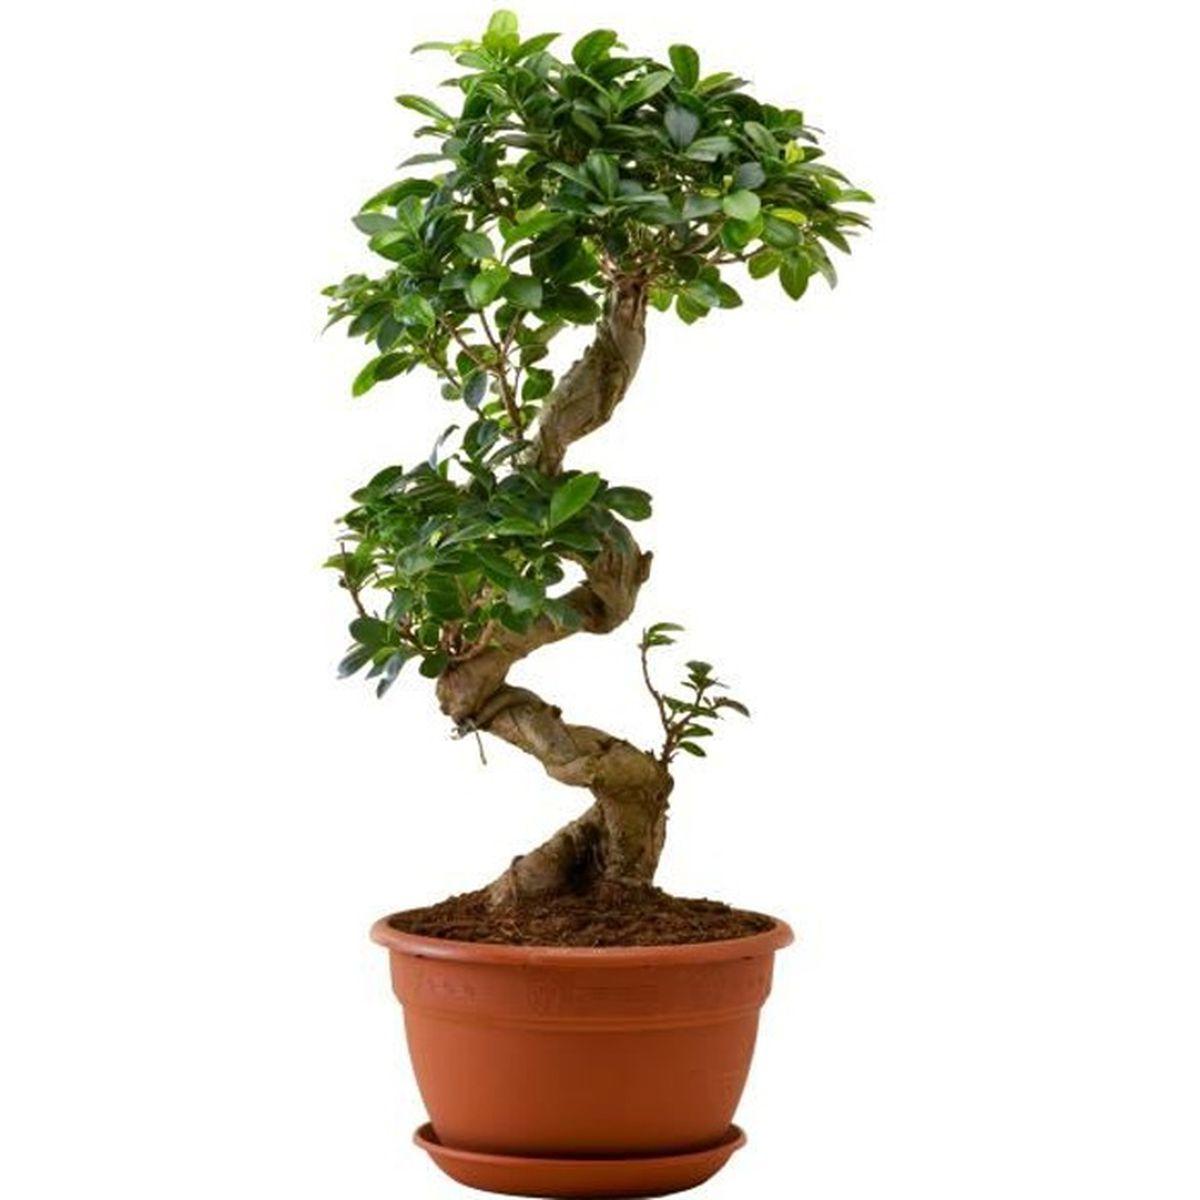 Plante Haute En Pot ficus ginseng bonsai | plante verte | plante d'intérieur